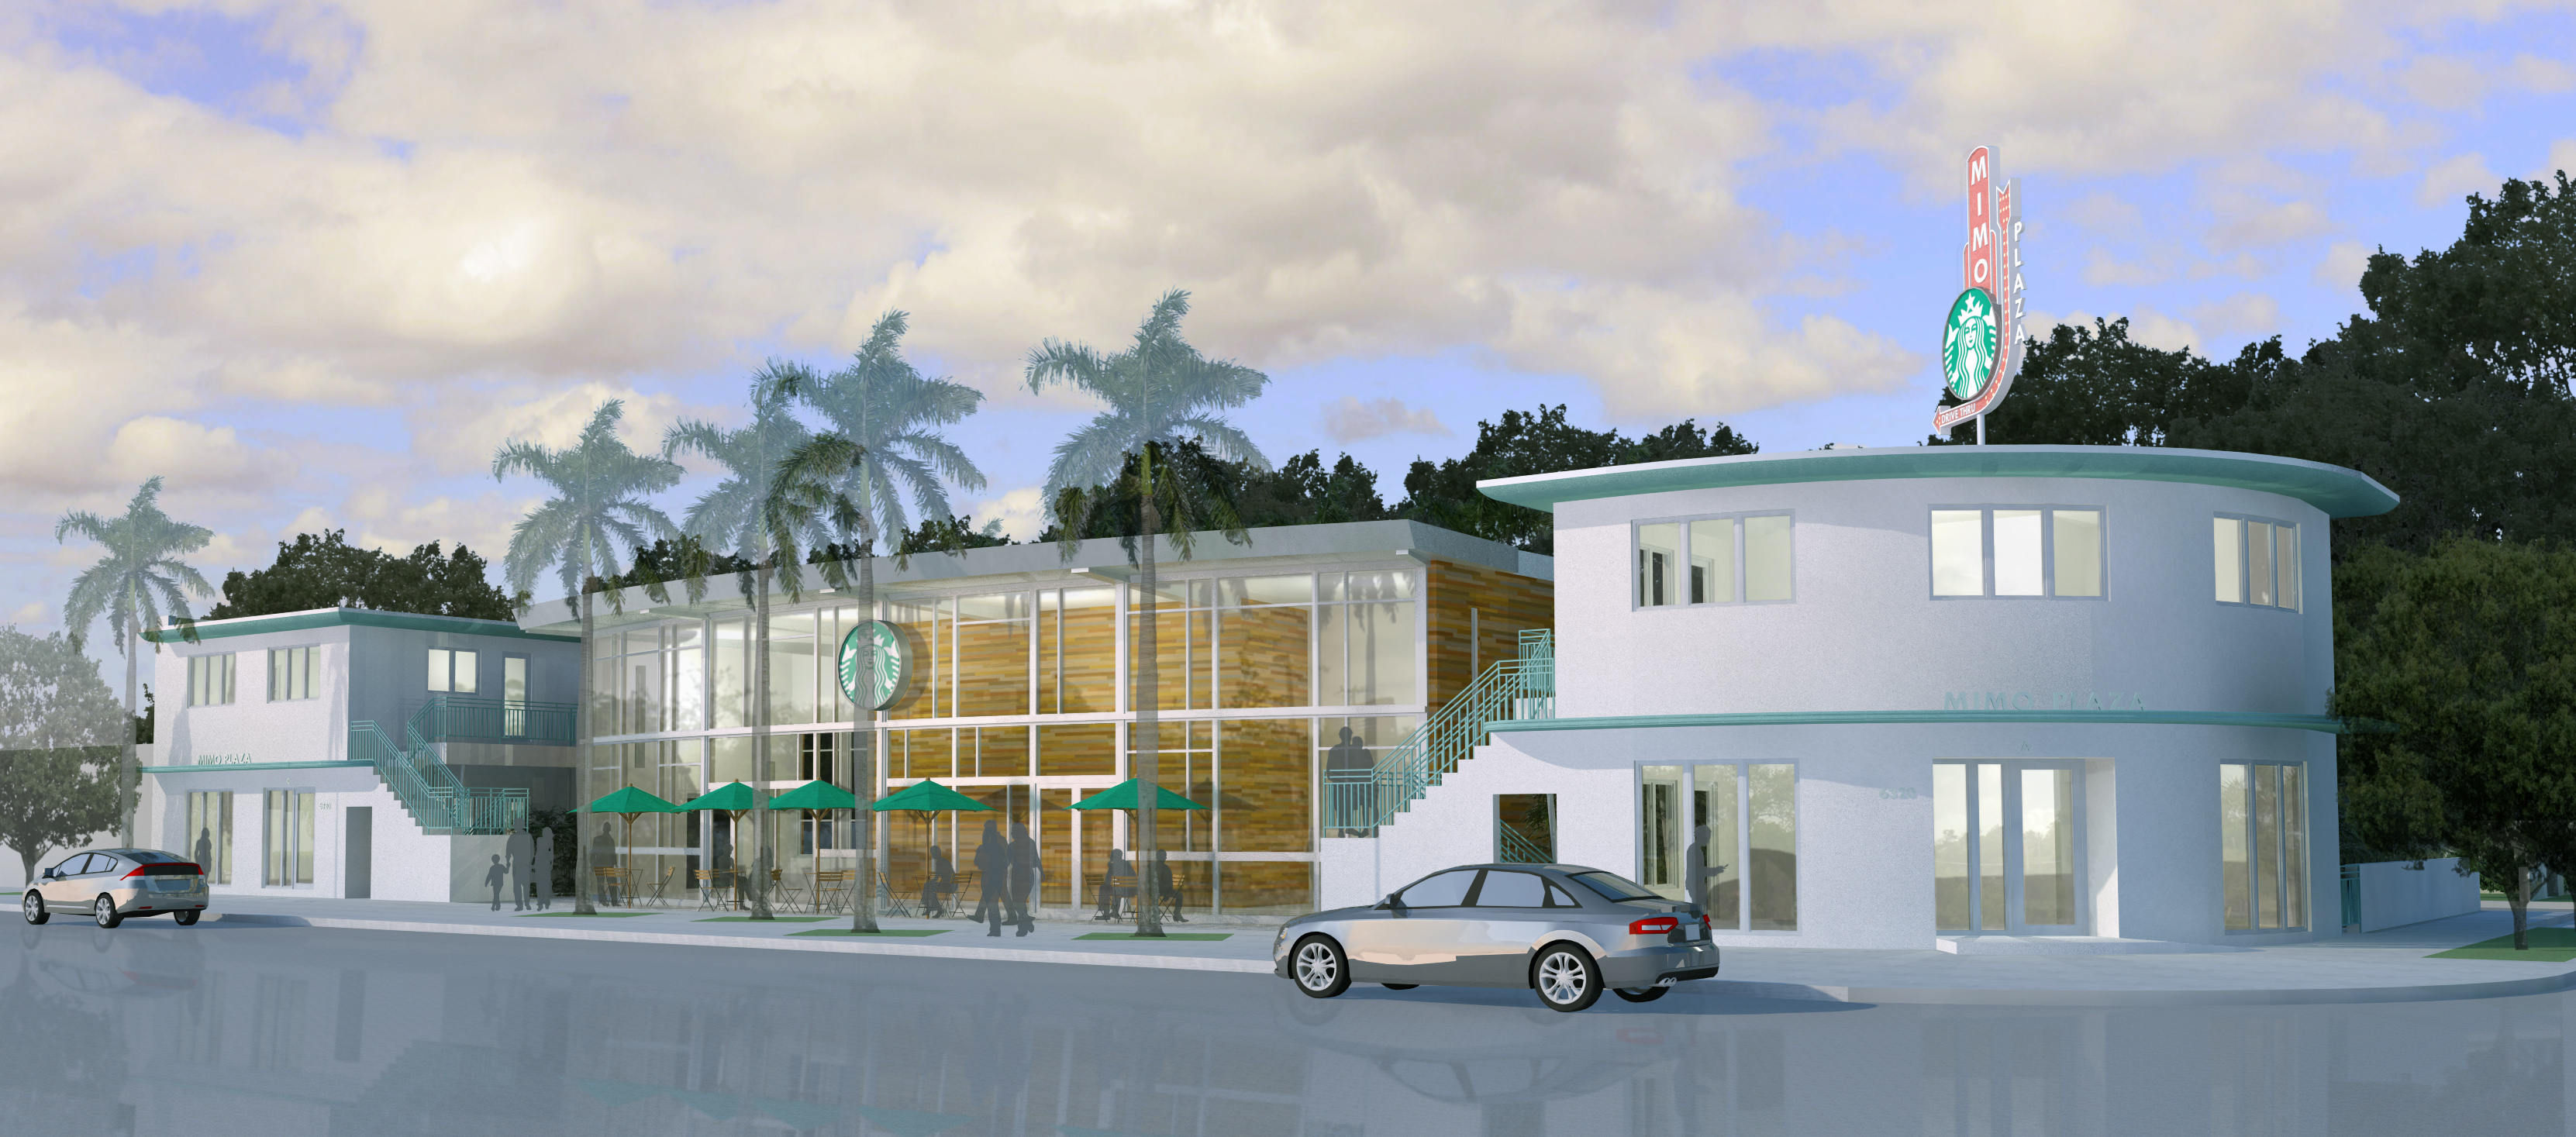 Rendering of building Northeast view